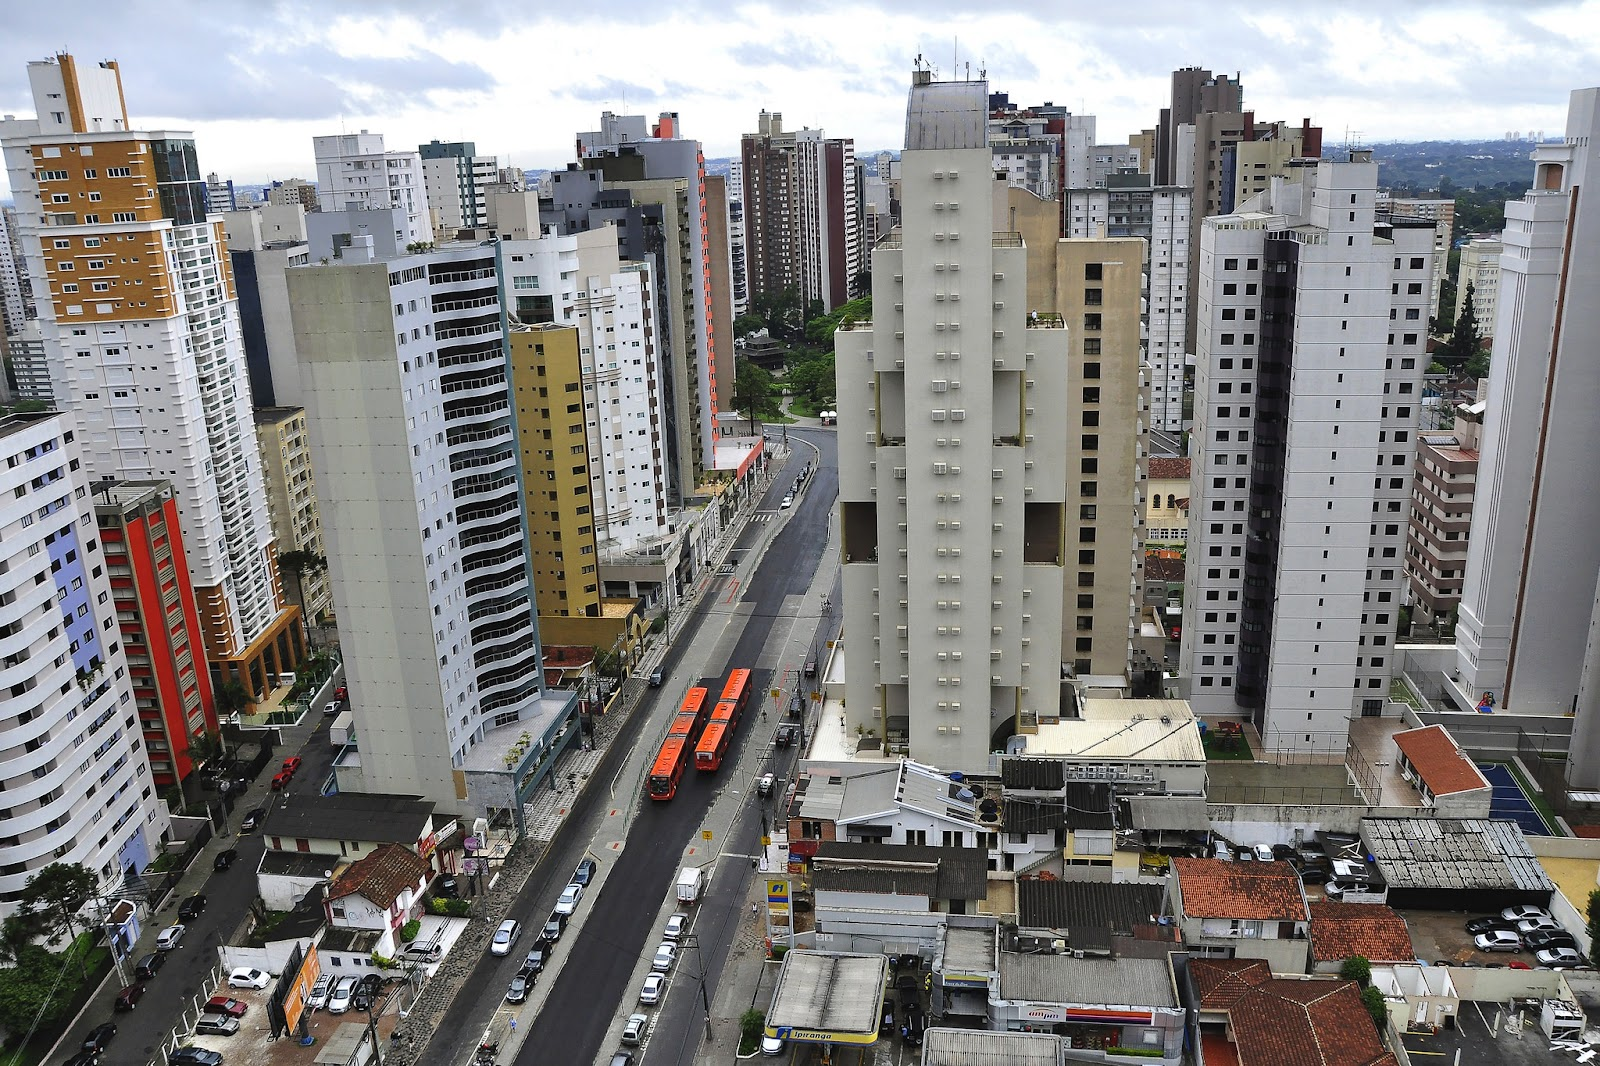 Curitiba, com seus corredores de BRT onde só podem ser construídos prédios altos, é um exemplo de cidade compacta (Fonte: WRI Brasil)